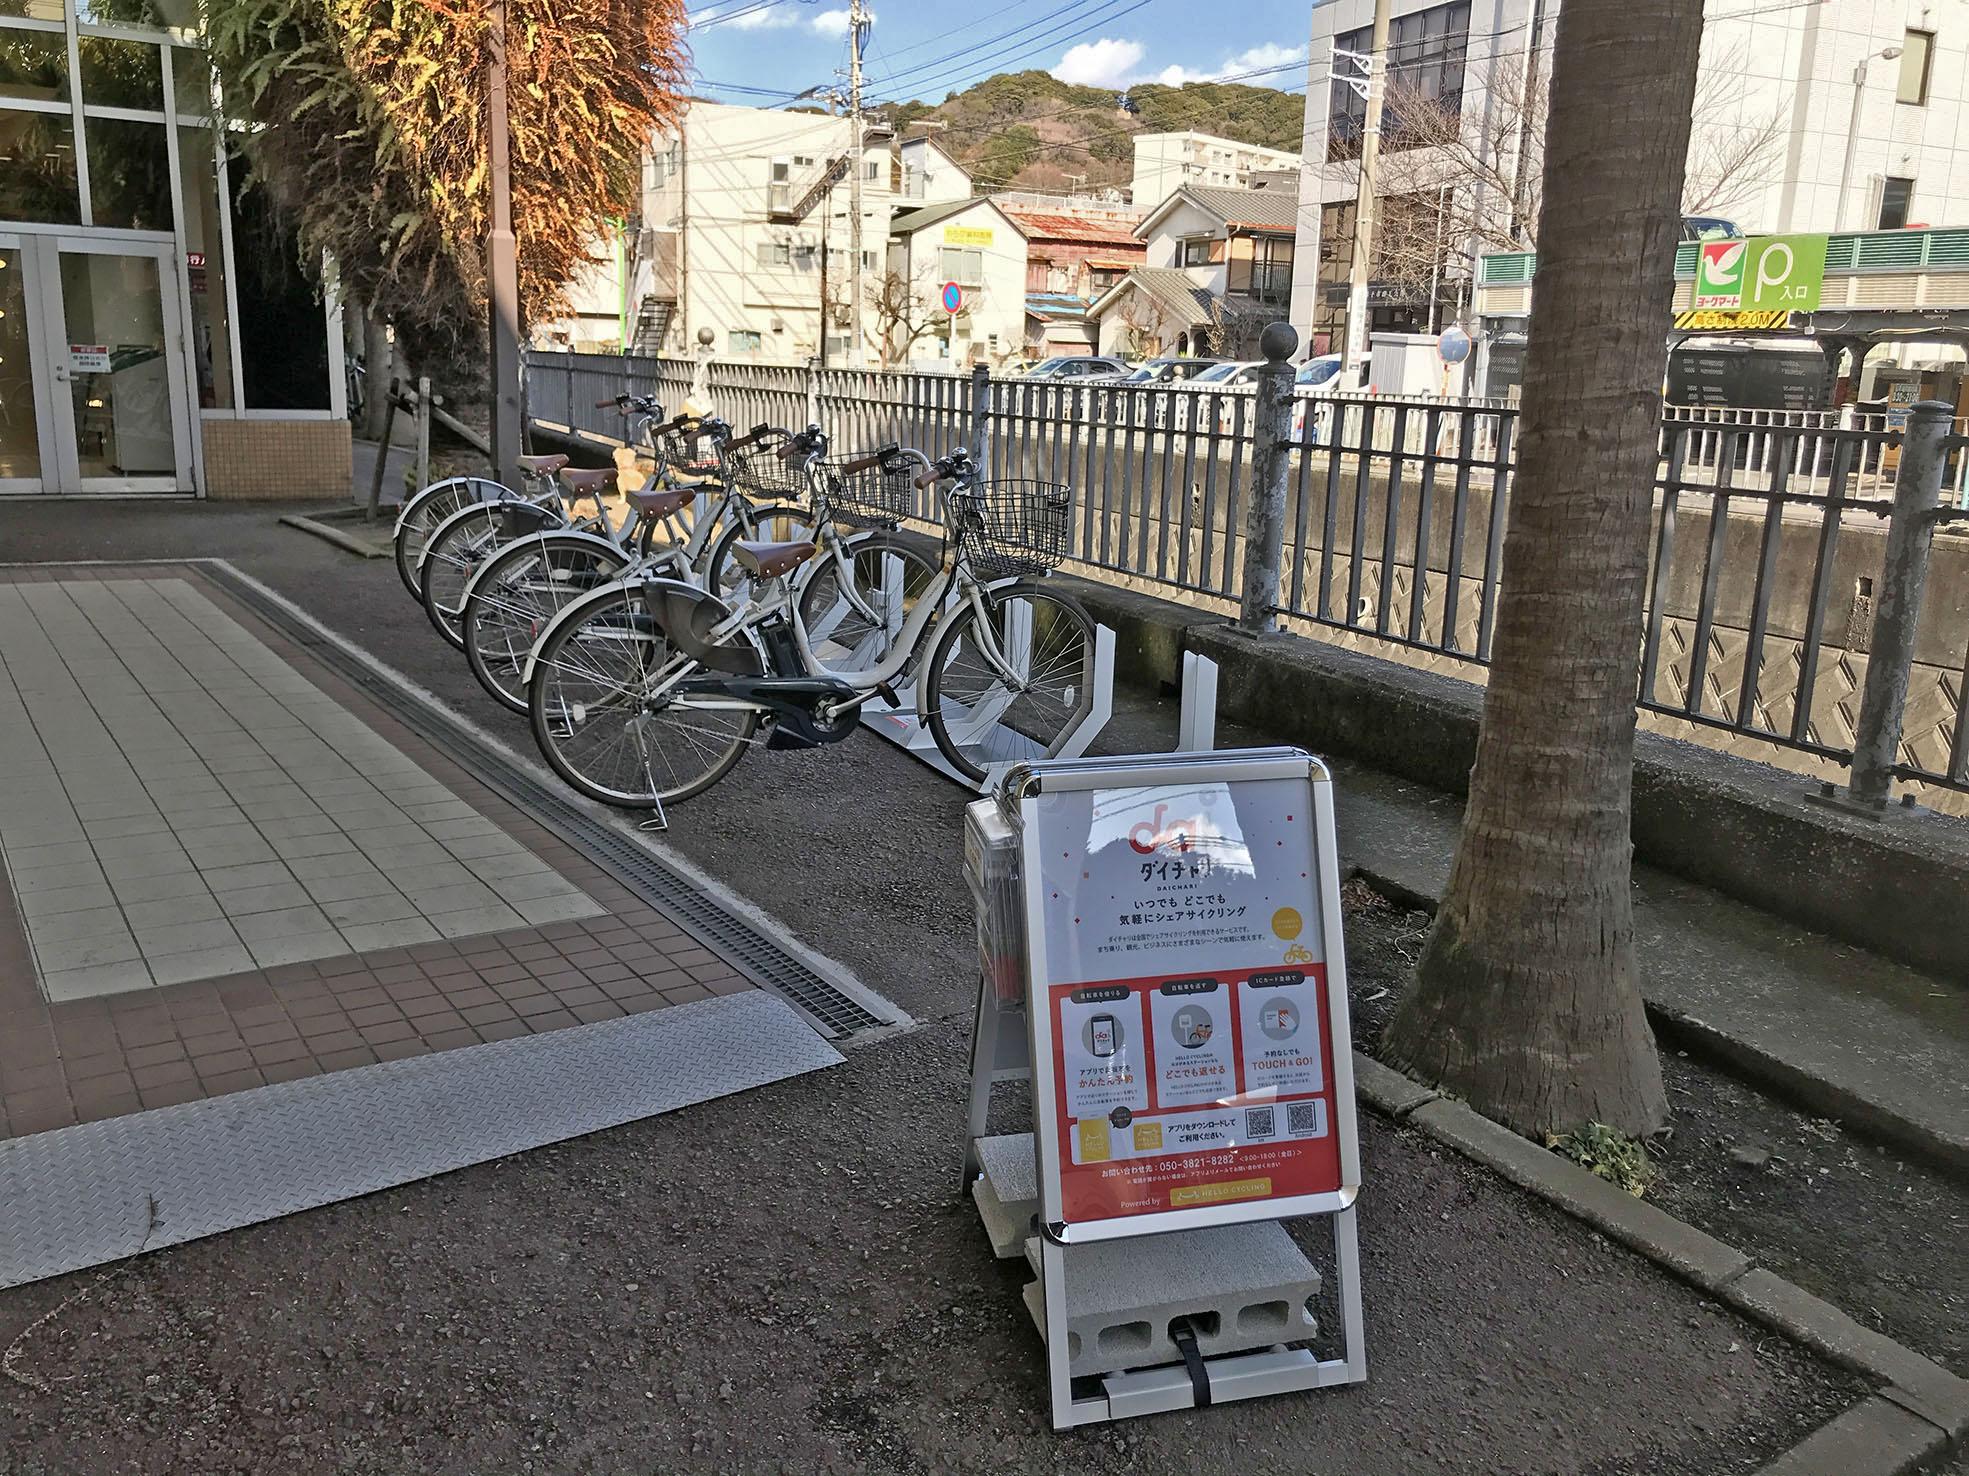 ヨークマート 東逗子店 (HELLO CYCLING ポート) image